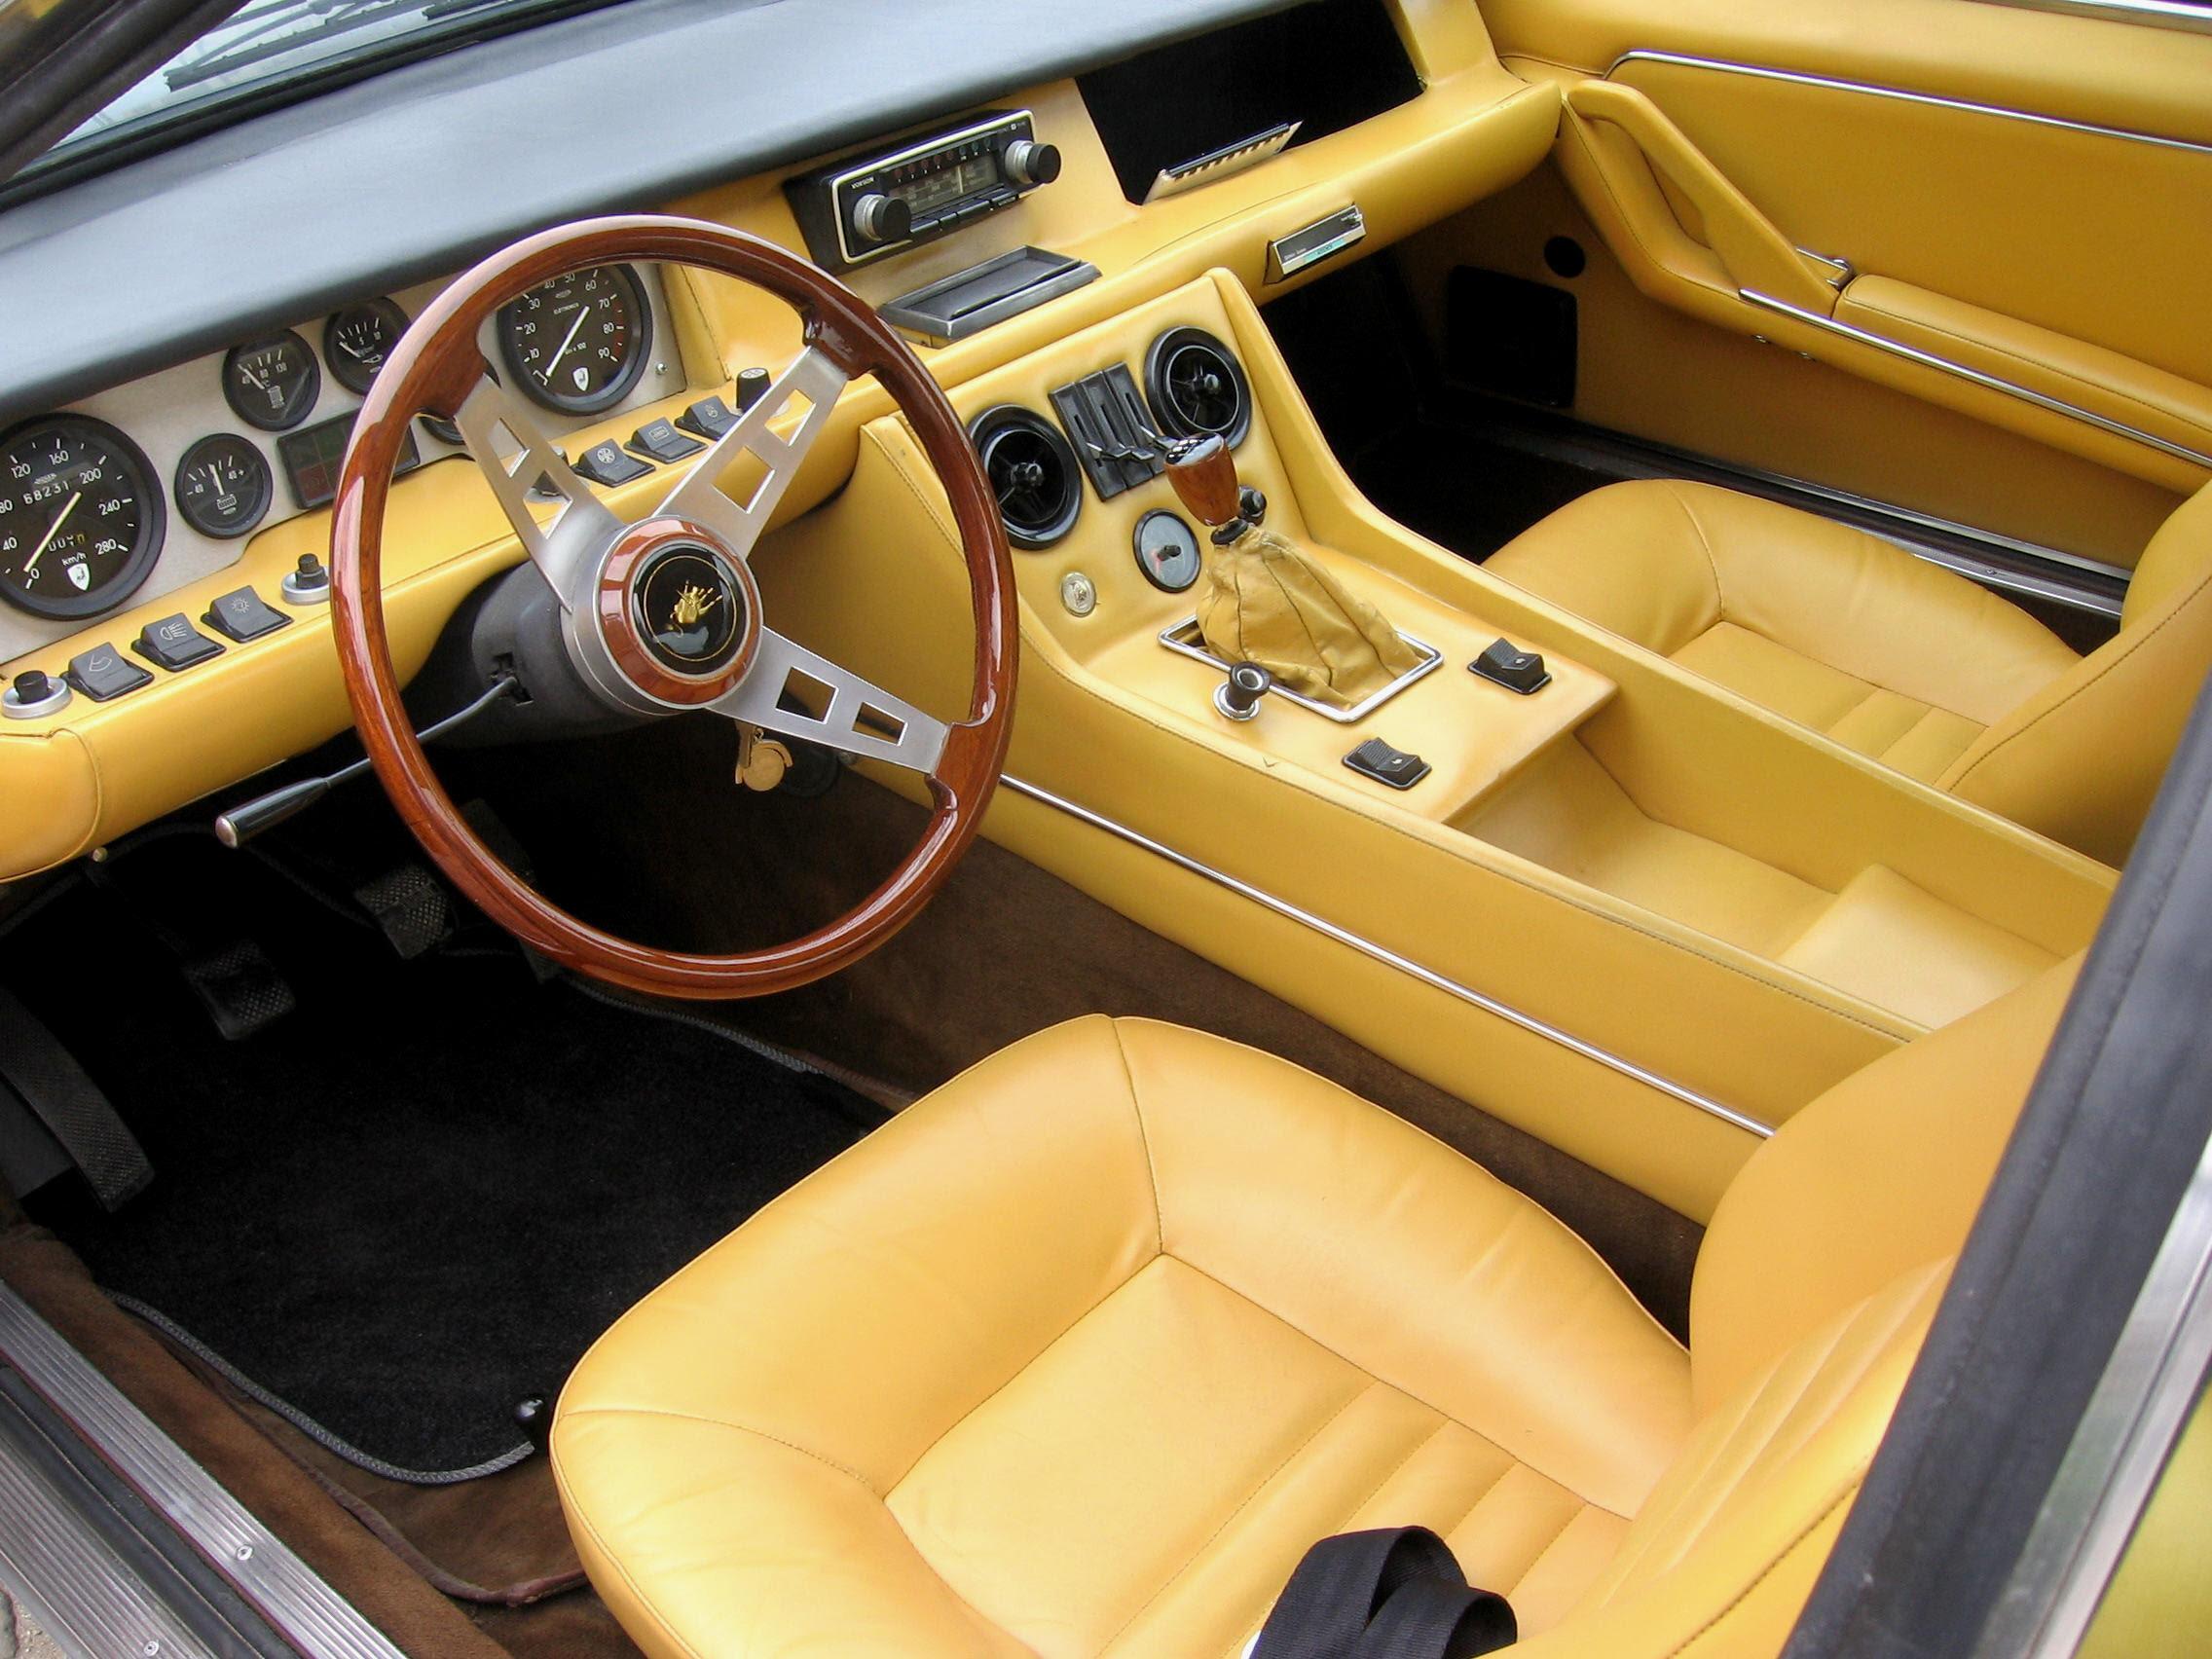 2005 BENTLEY CONTINENTAL GT 2 DOOR COUPE - 137688